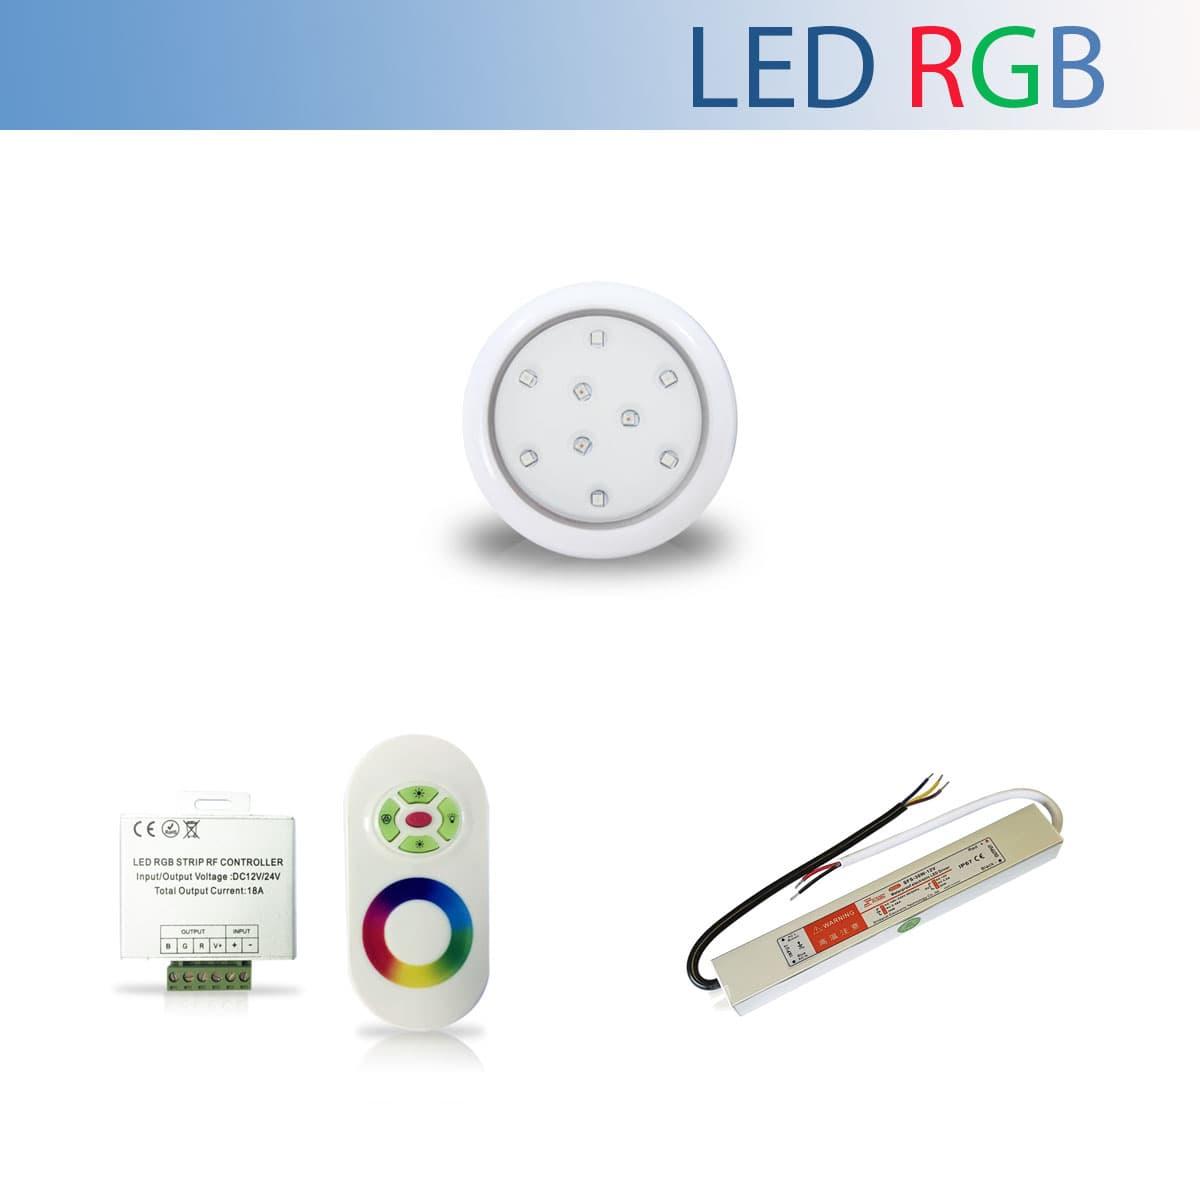 Kit 1 Luminária Led RGB para Piscina de 9W 80mm + Fonte Blindada IP67 de 36W + Controle RGB